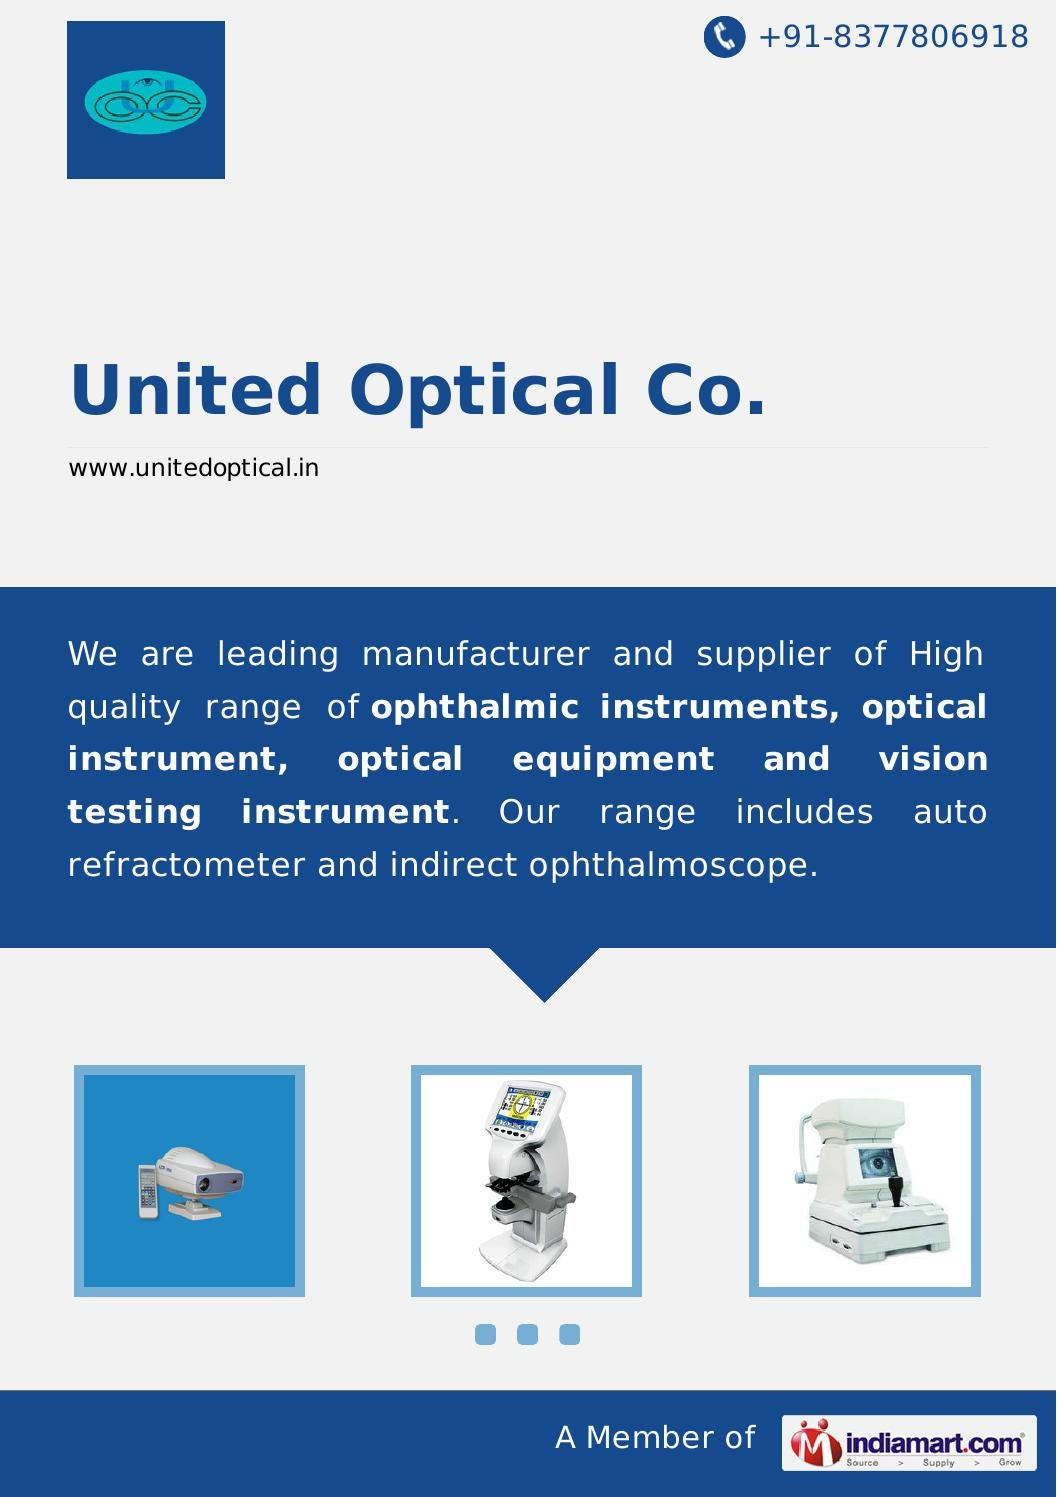 United optical co by United Optical Co - issuu